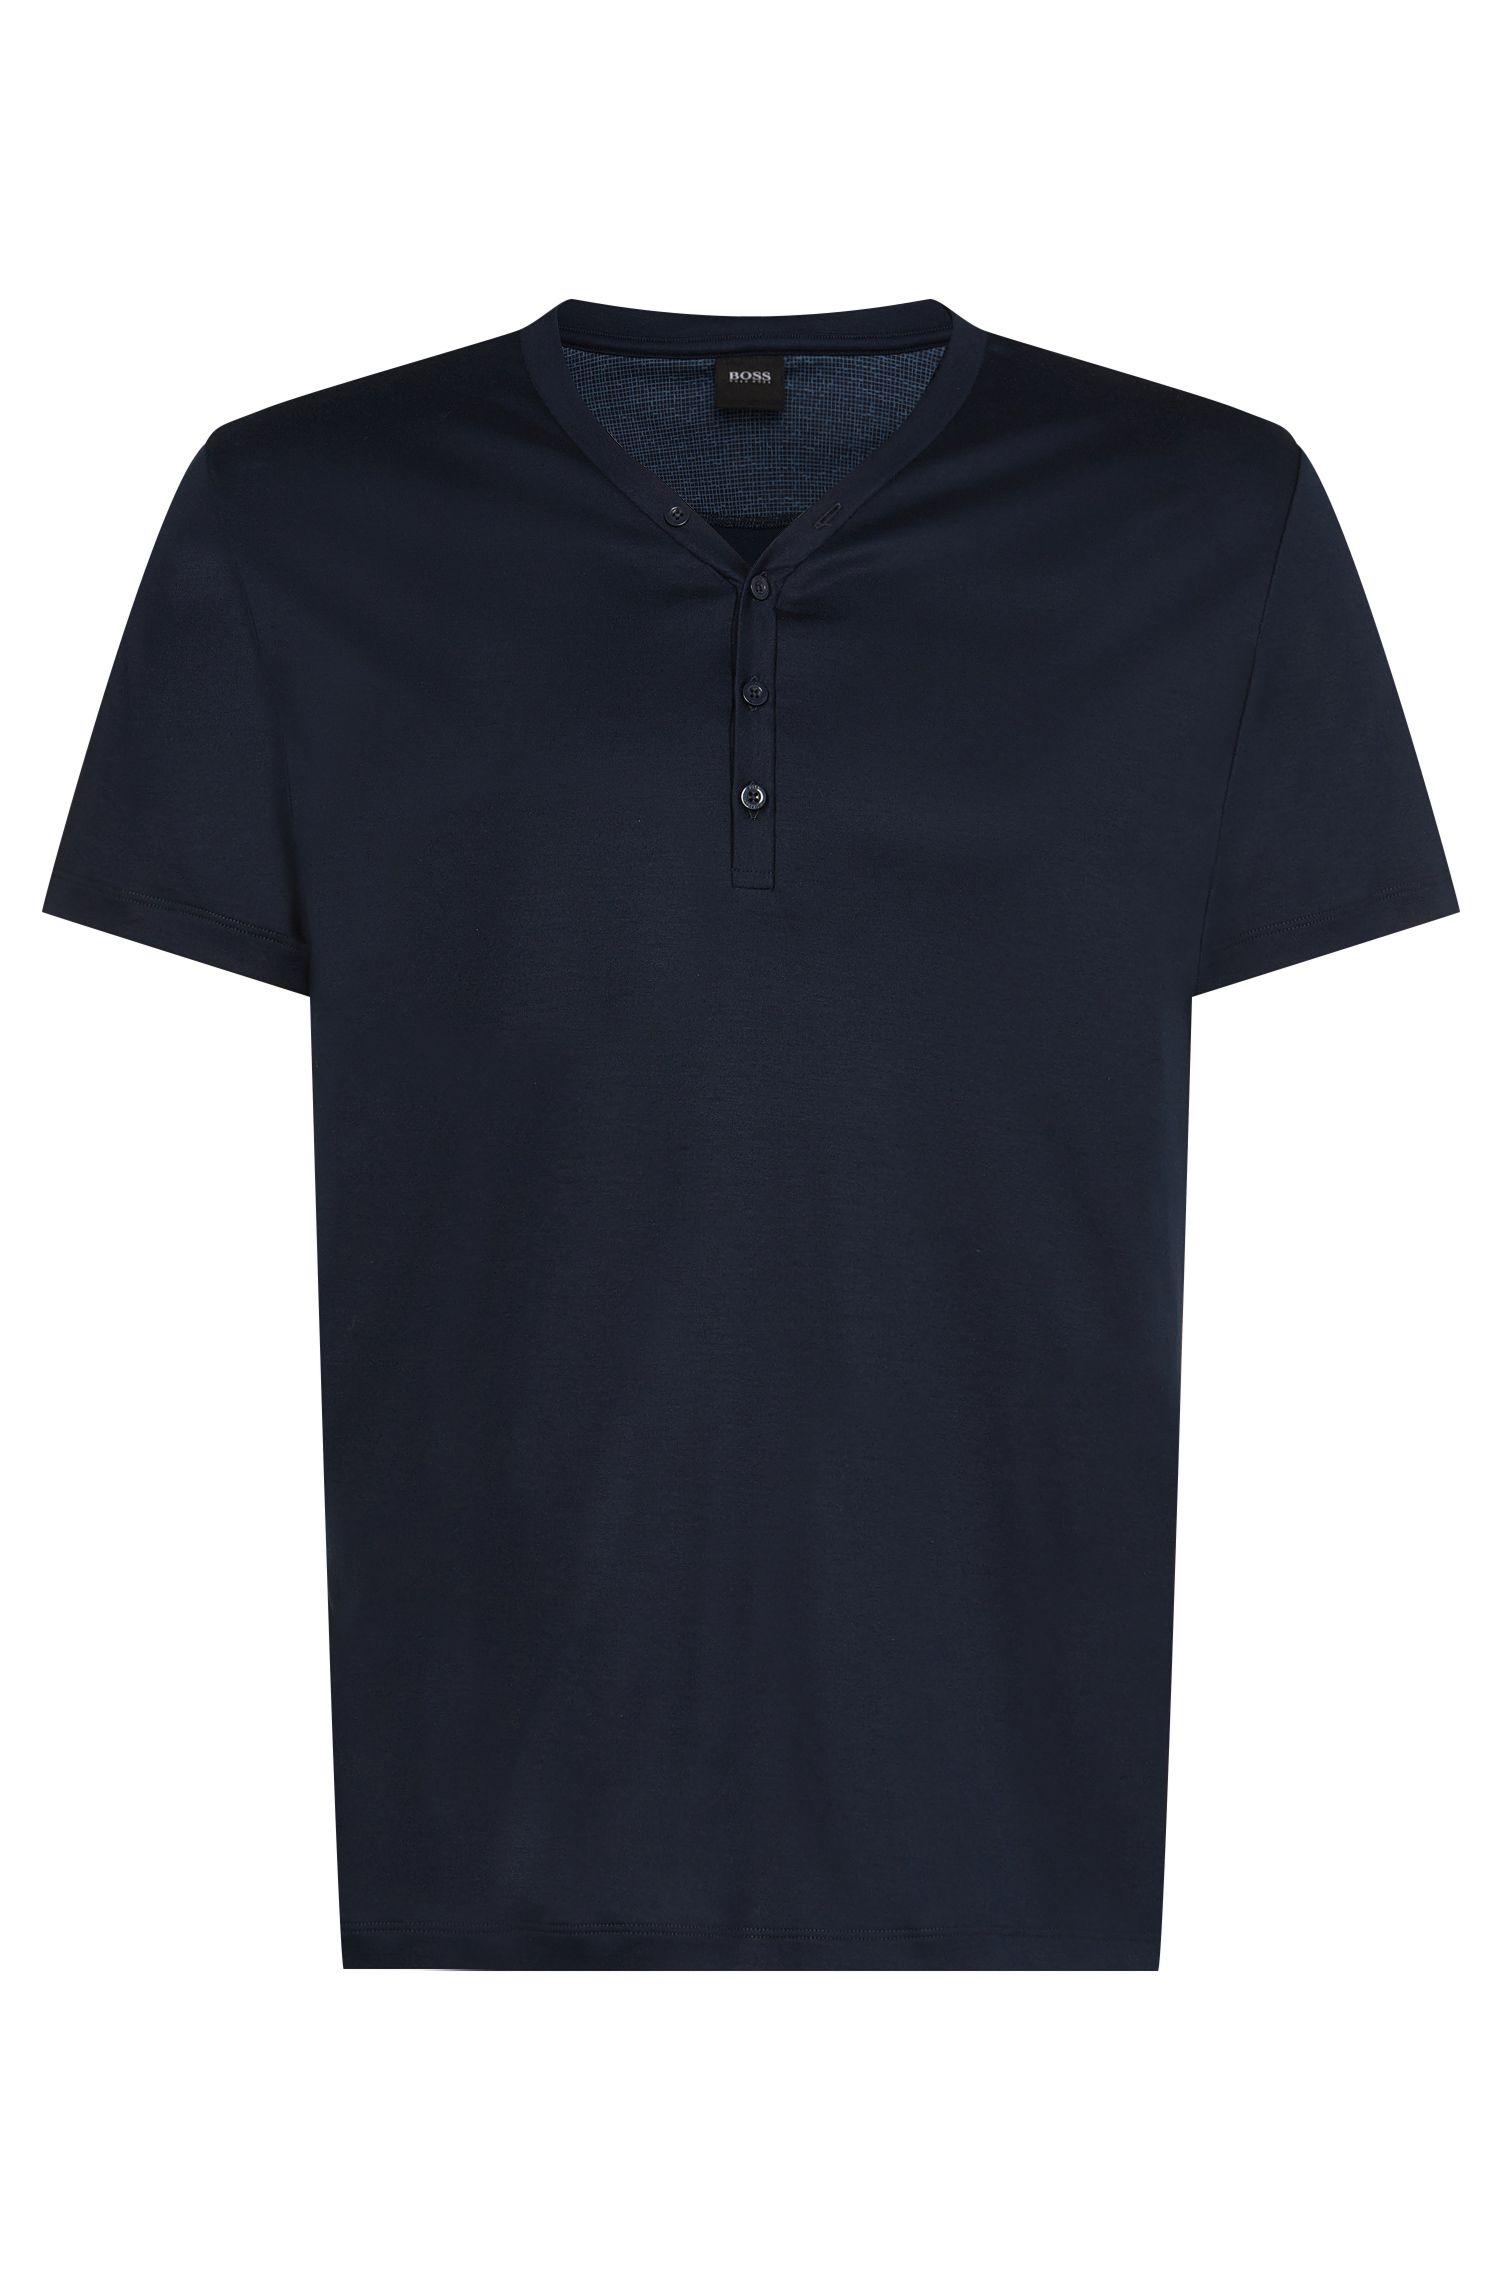 'Jersey Shirt BP SS' | Cotton Modal Interlock T-Shirt